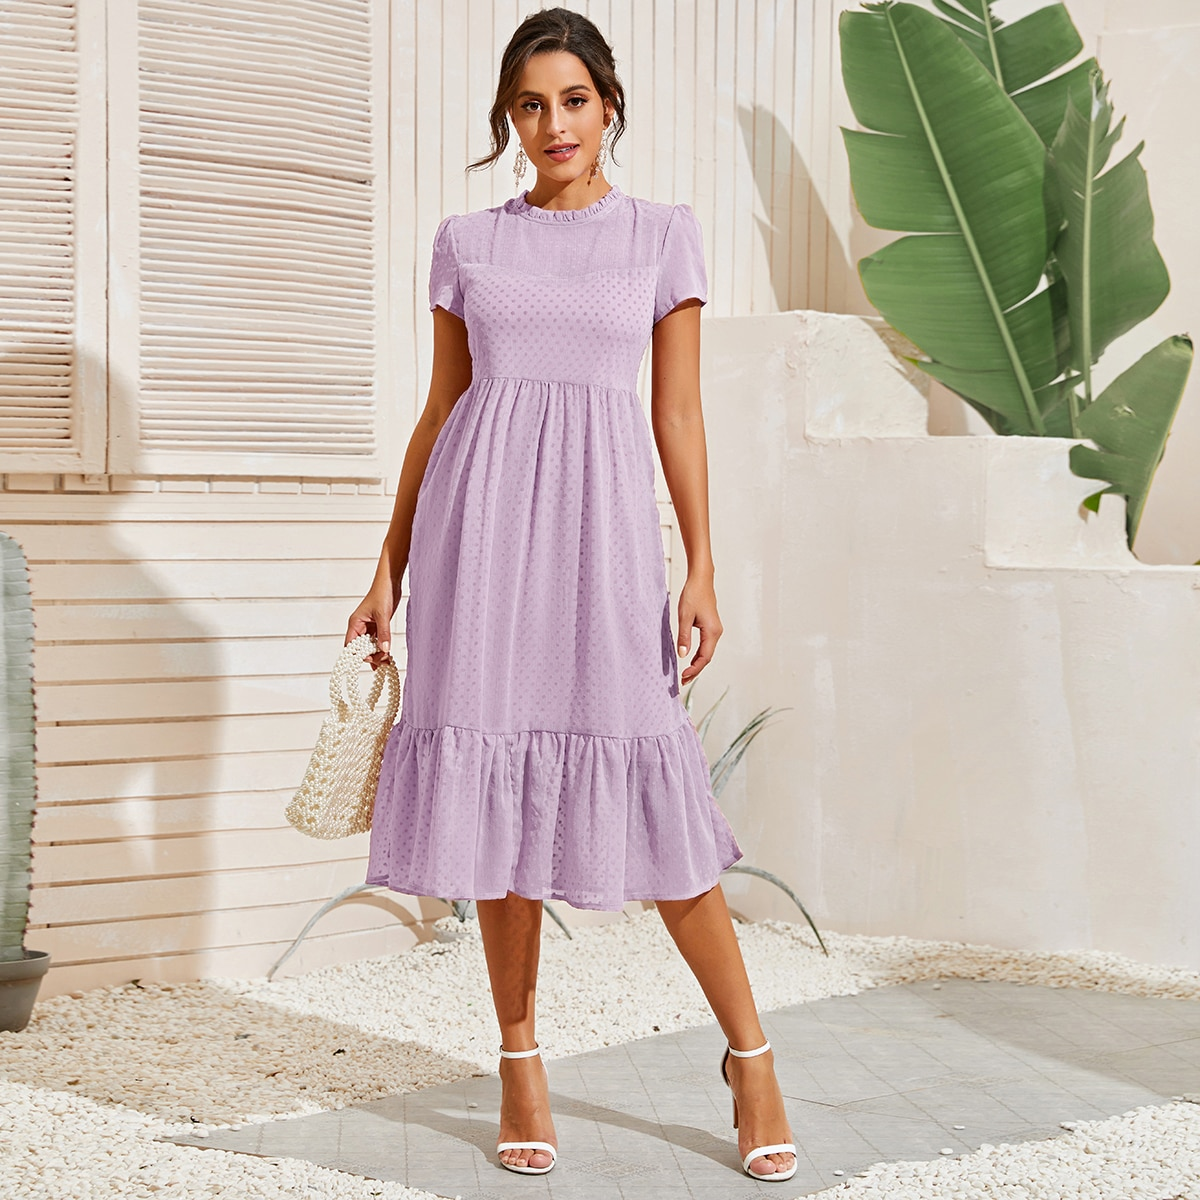 Сиреневый Фиолетовый Низ-оборка Одноцветный Элегантный Платья фото